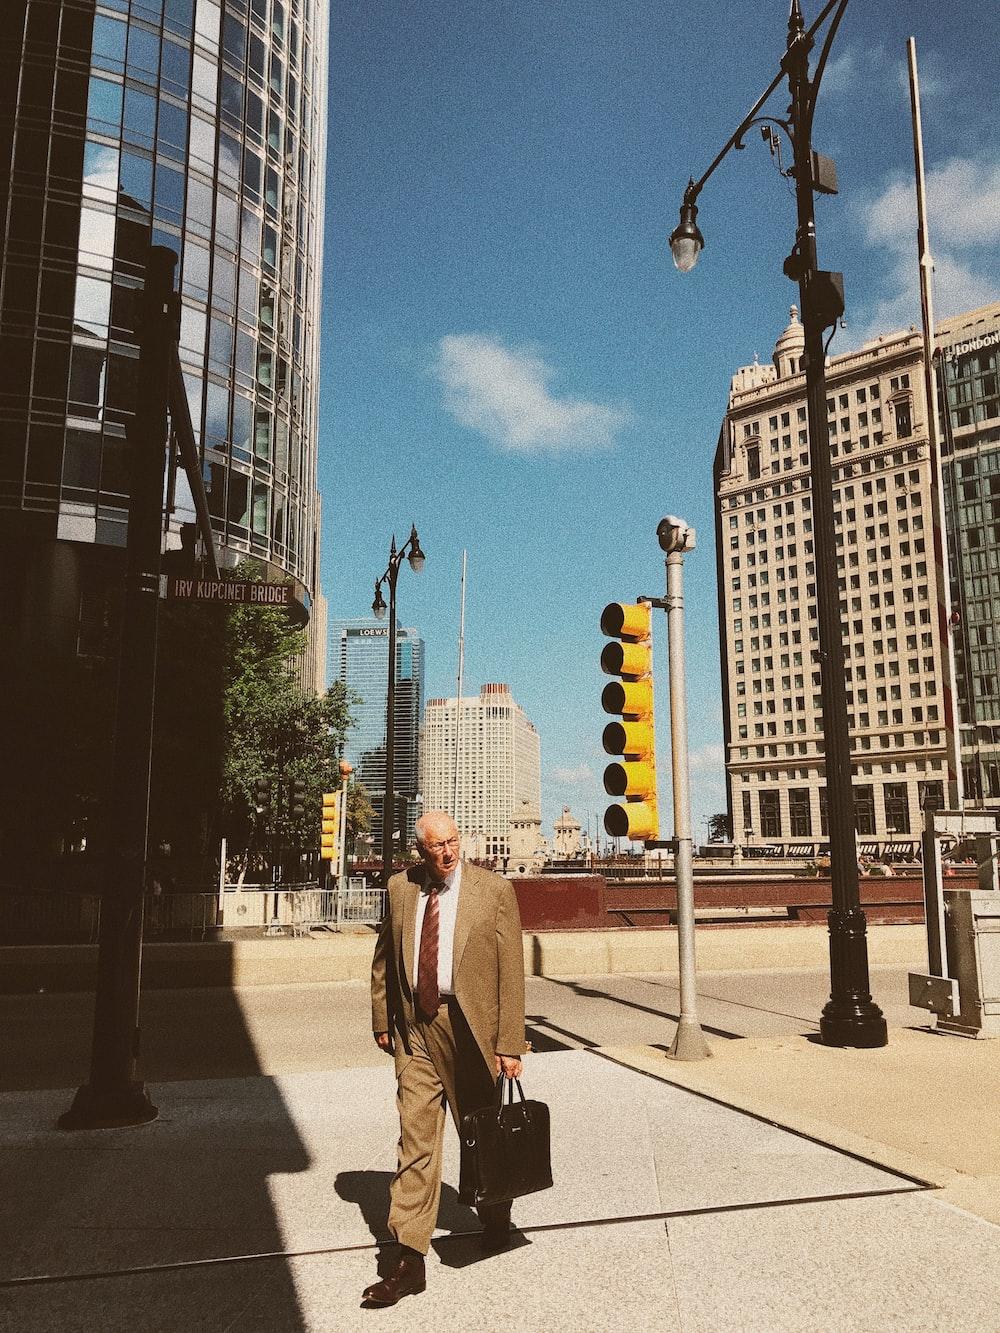 man walking near buildings during daytime